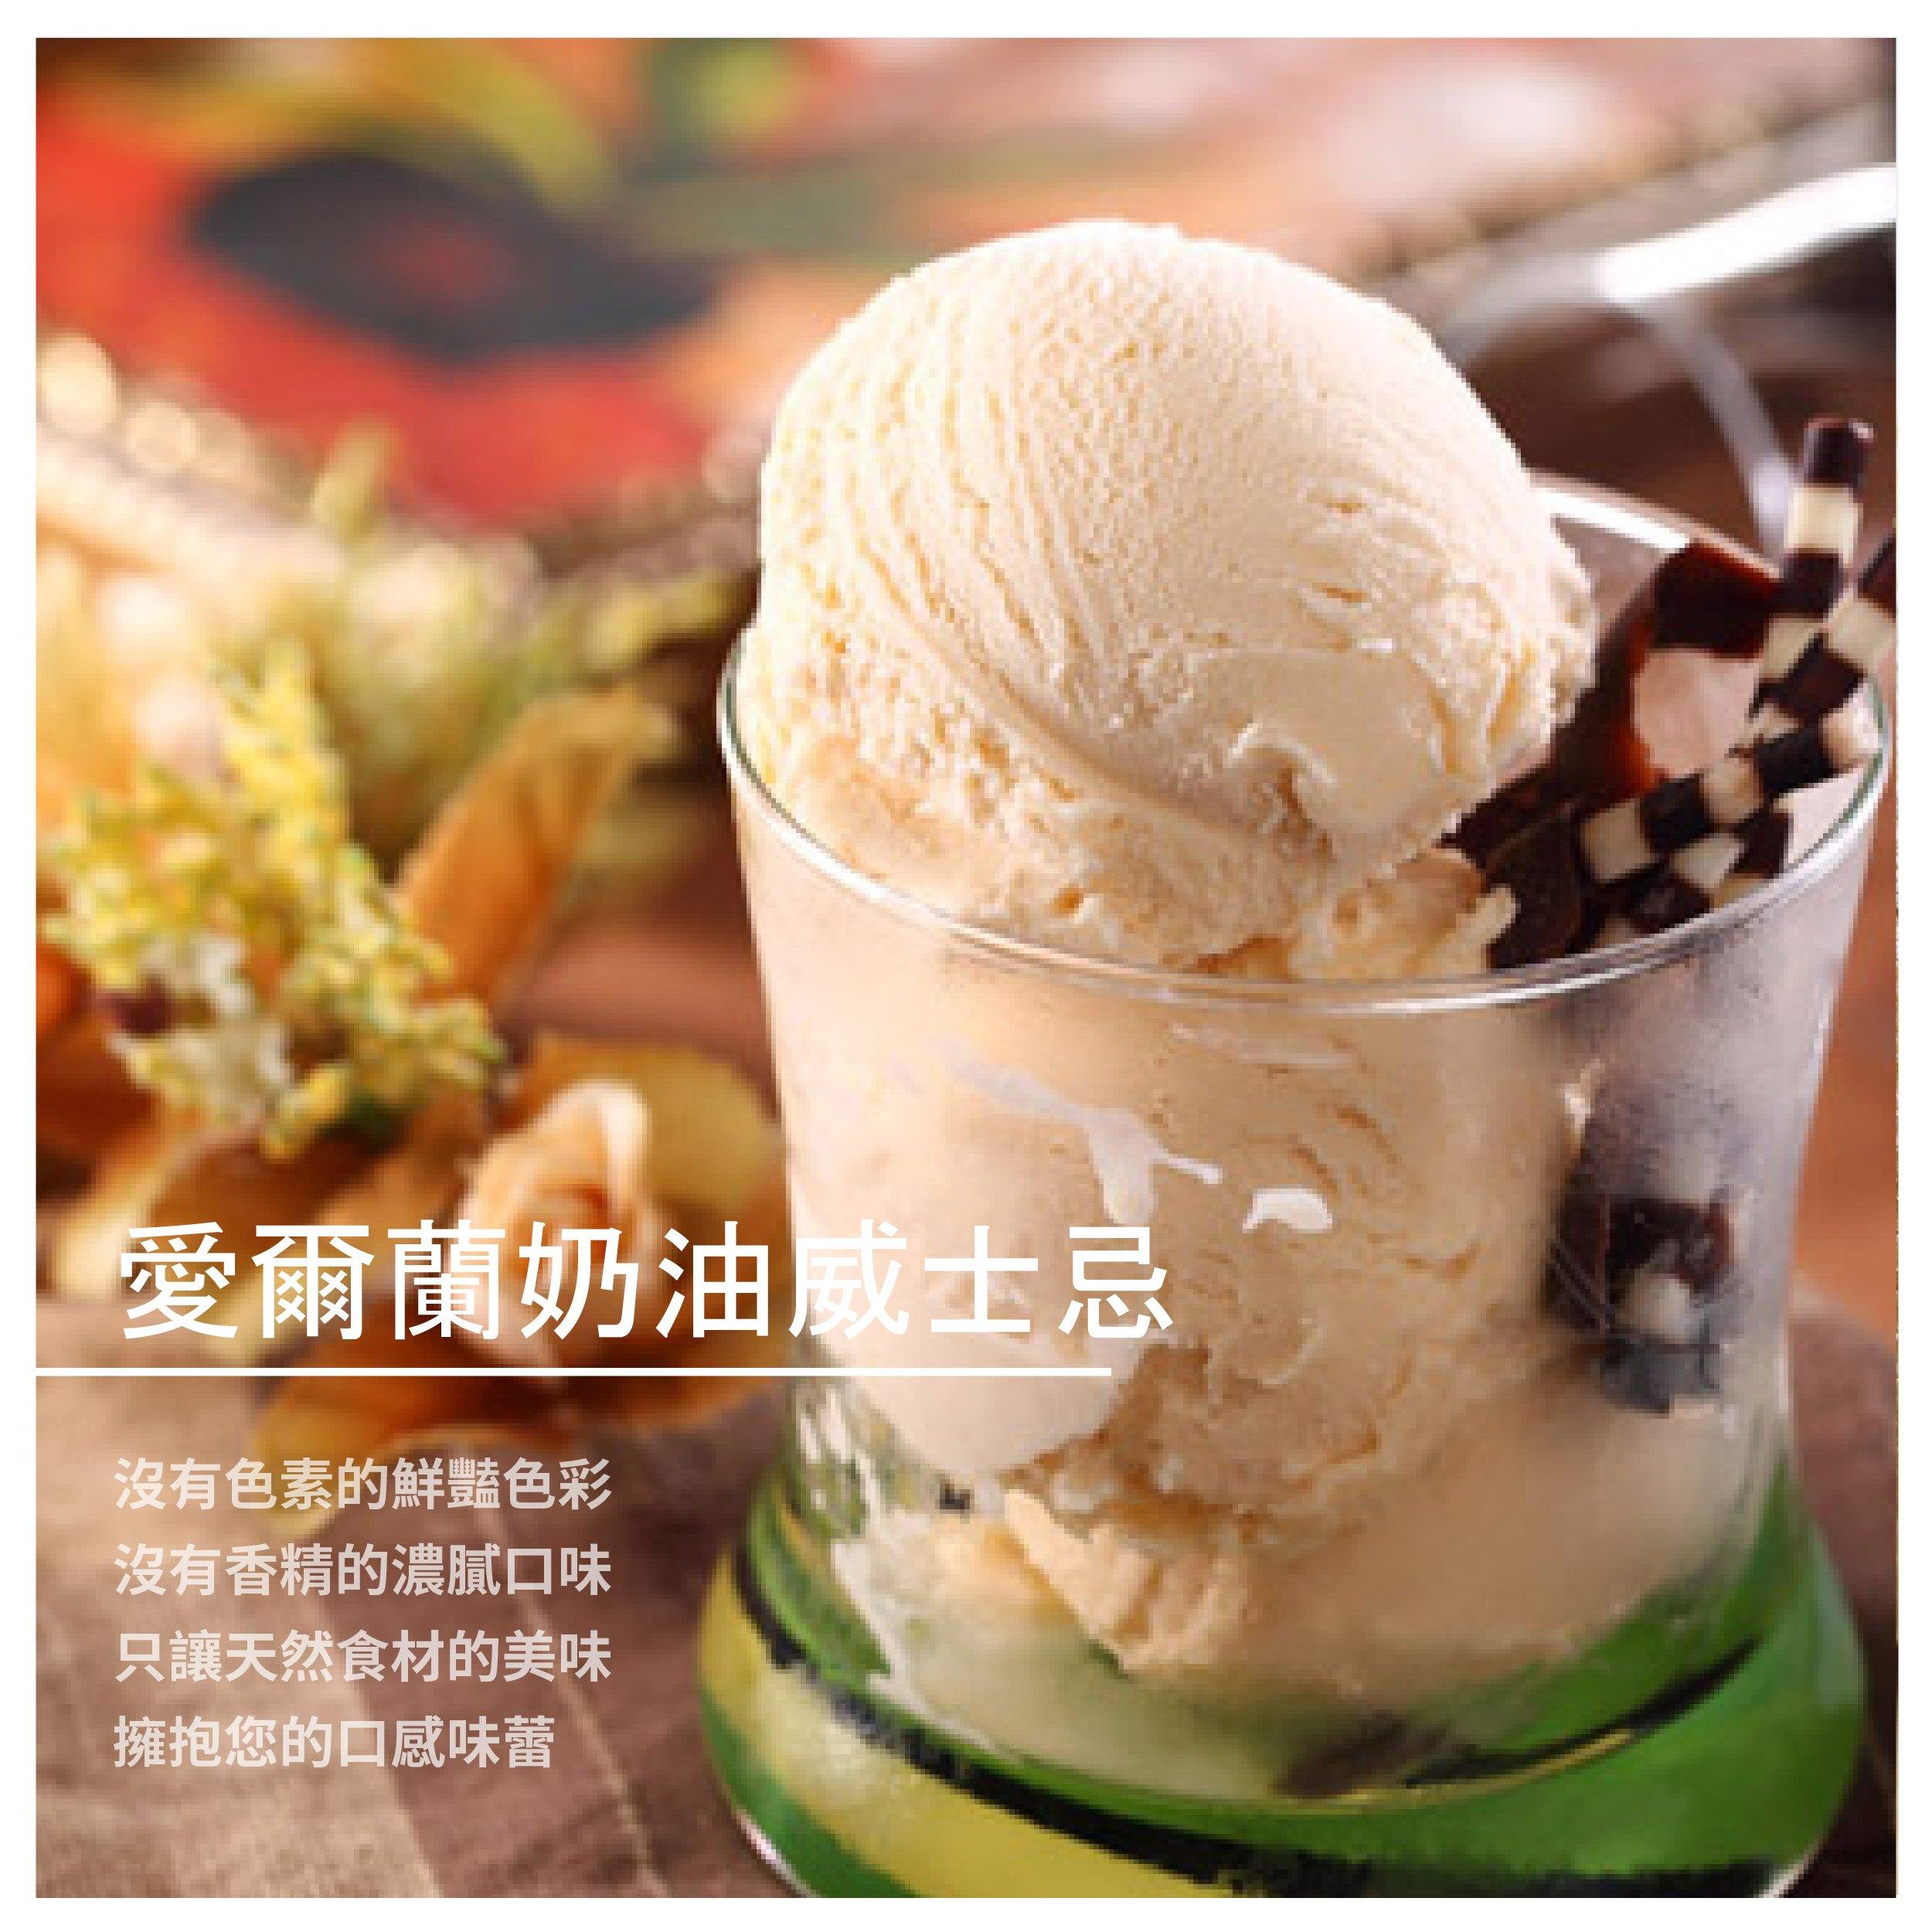 【Congel公爵法式手工冰淇淋】愛爾蘭奶油威士忌 473ml杯裝